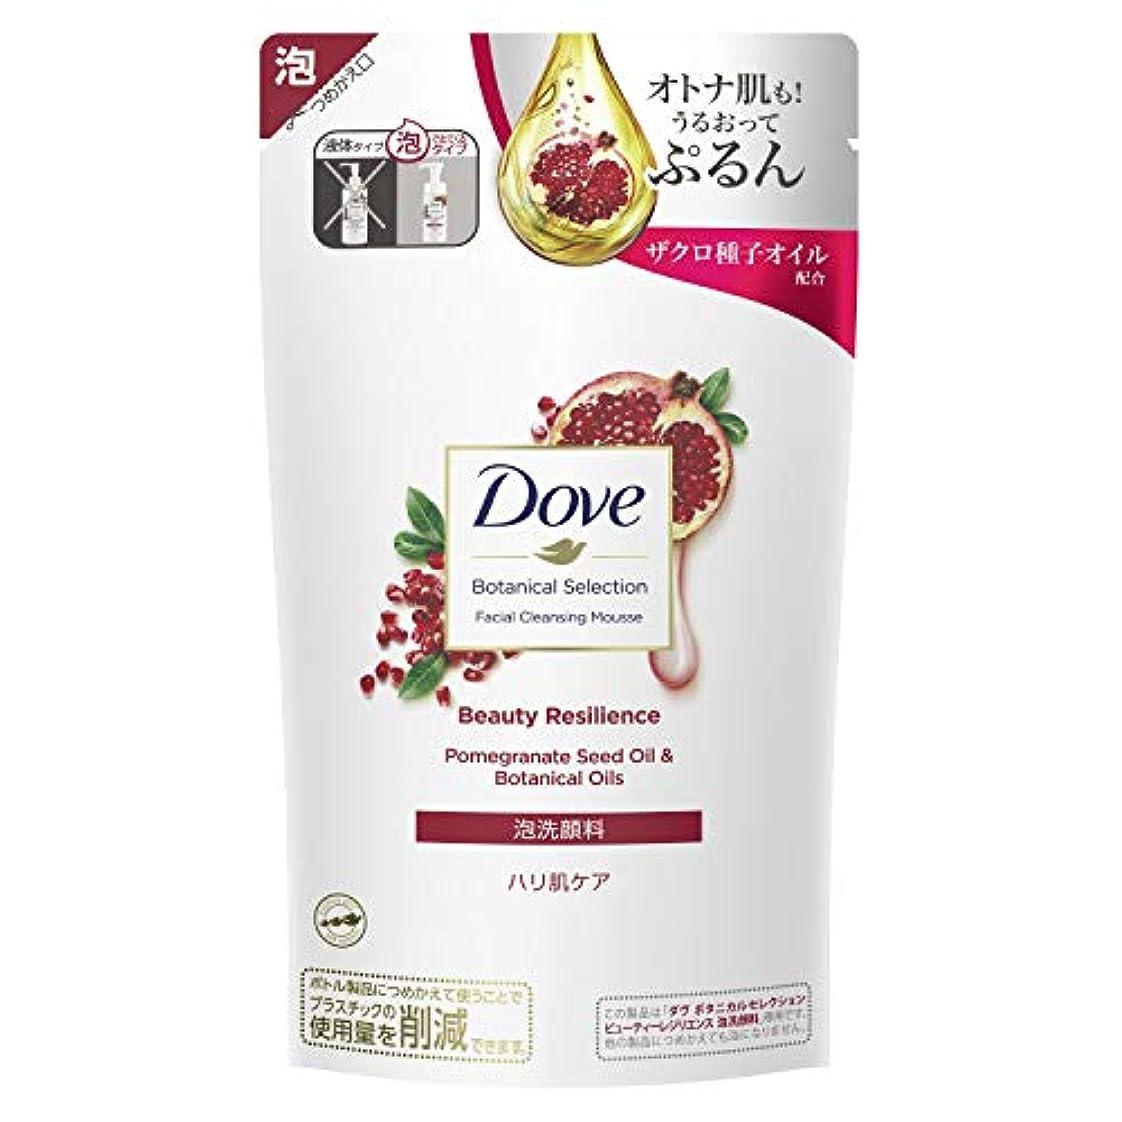 まだら思慮深い相手Dove(ダヴ) ダヴ ボタニカルセレクション ビューティーレジリエンス 泡洗顔料 つめかえ用 135mL